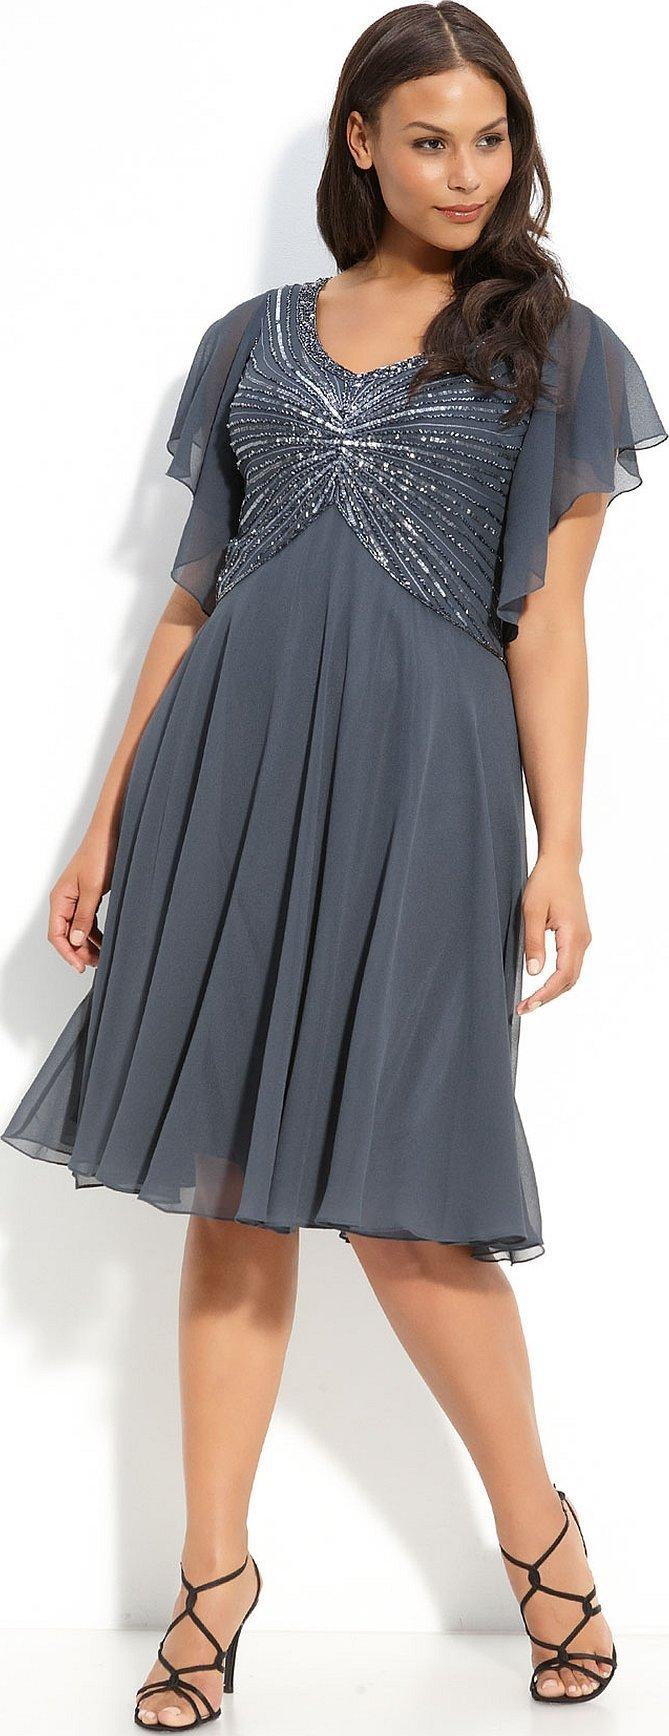 Лёгкое шифоновое платье для полных